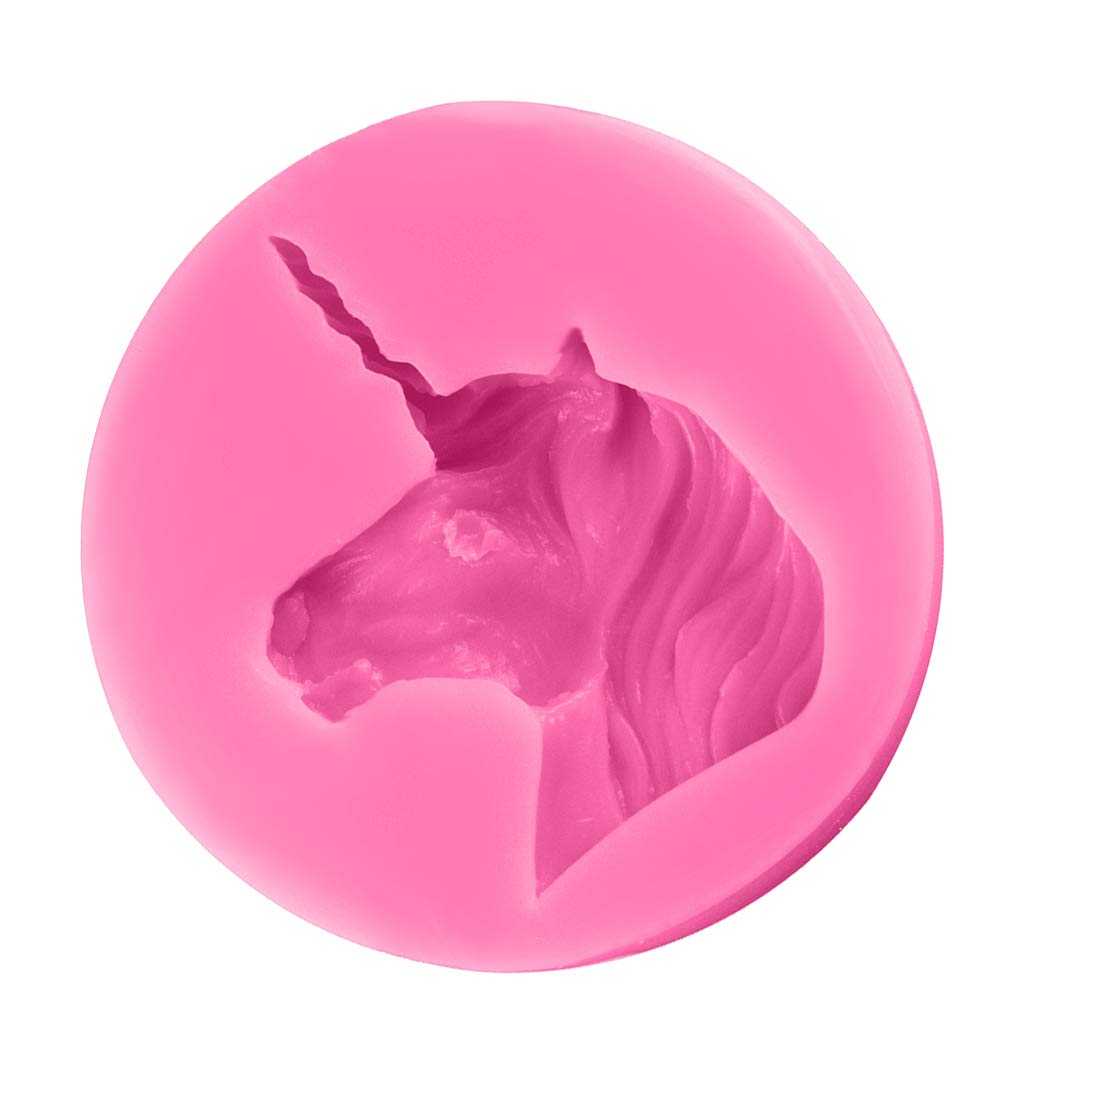 Basico 3D Silicone Moule Cheval Forme Moule pour Savon De Bonbons Au Chocolat Glace De D/écoration De G/âteau Outils pour Ustensiles De Bricolage Outils